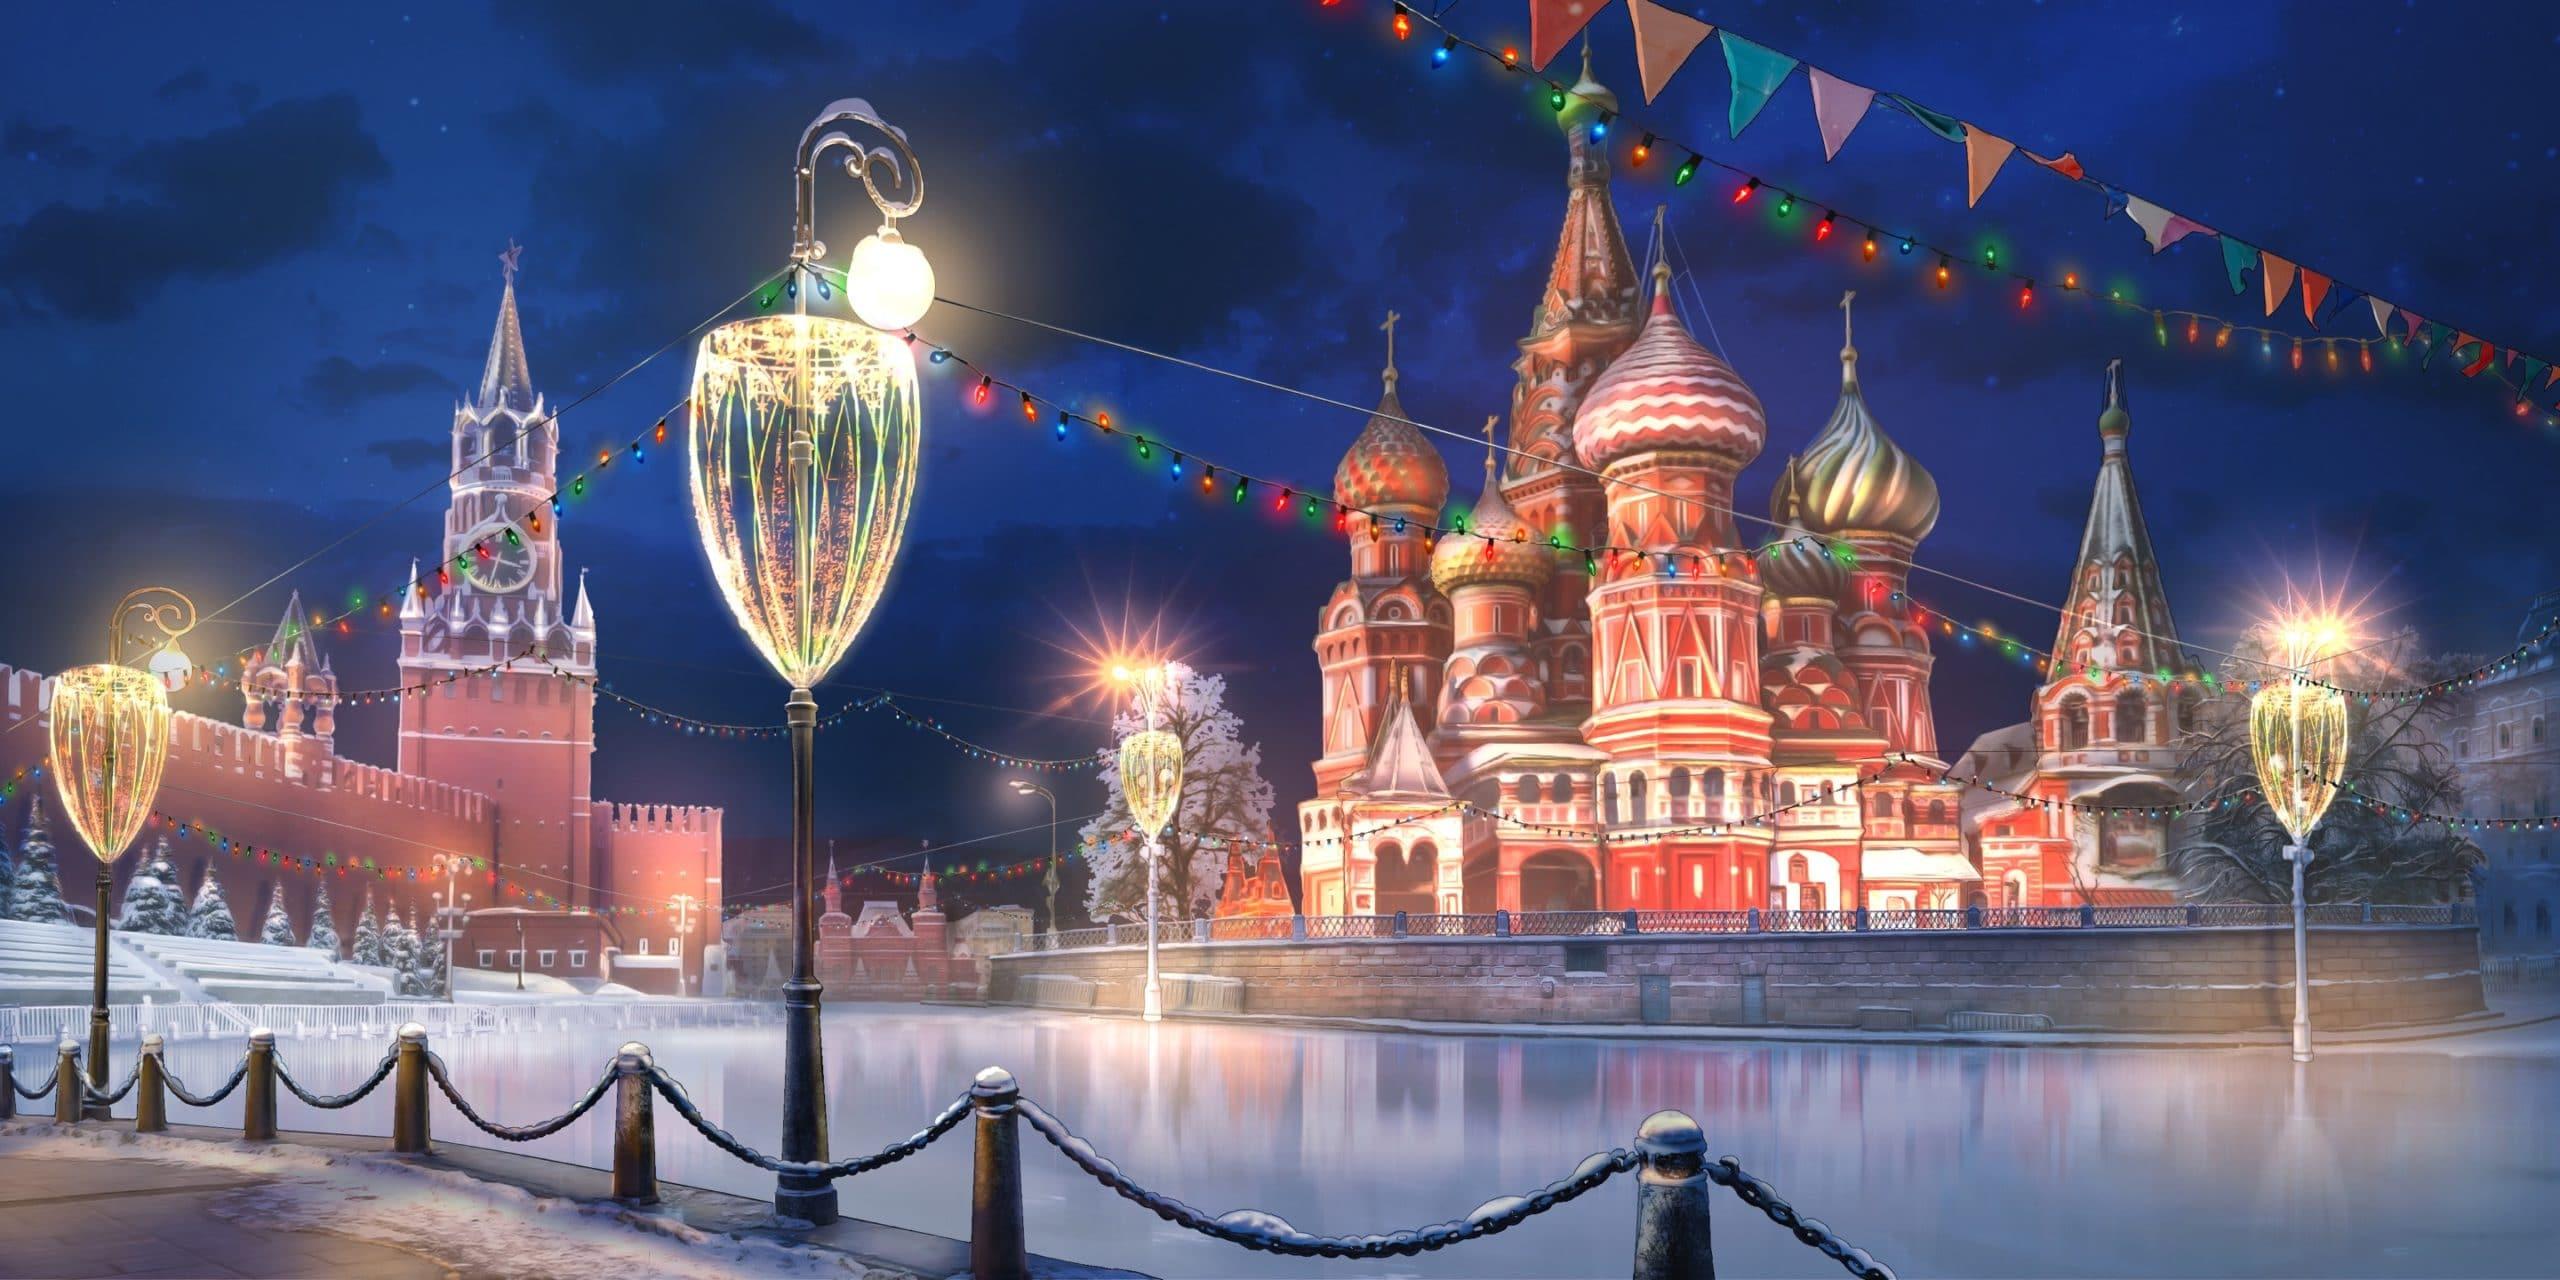 jake personnage de Is It Love et le décor de la place rouge en russie